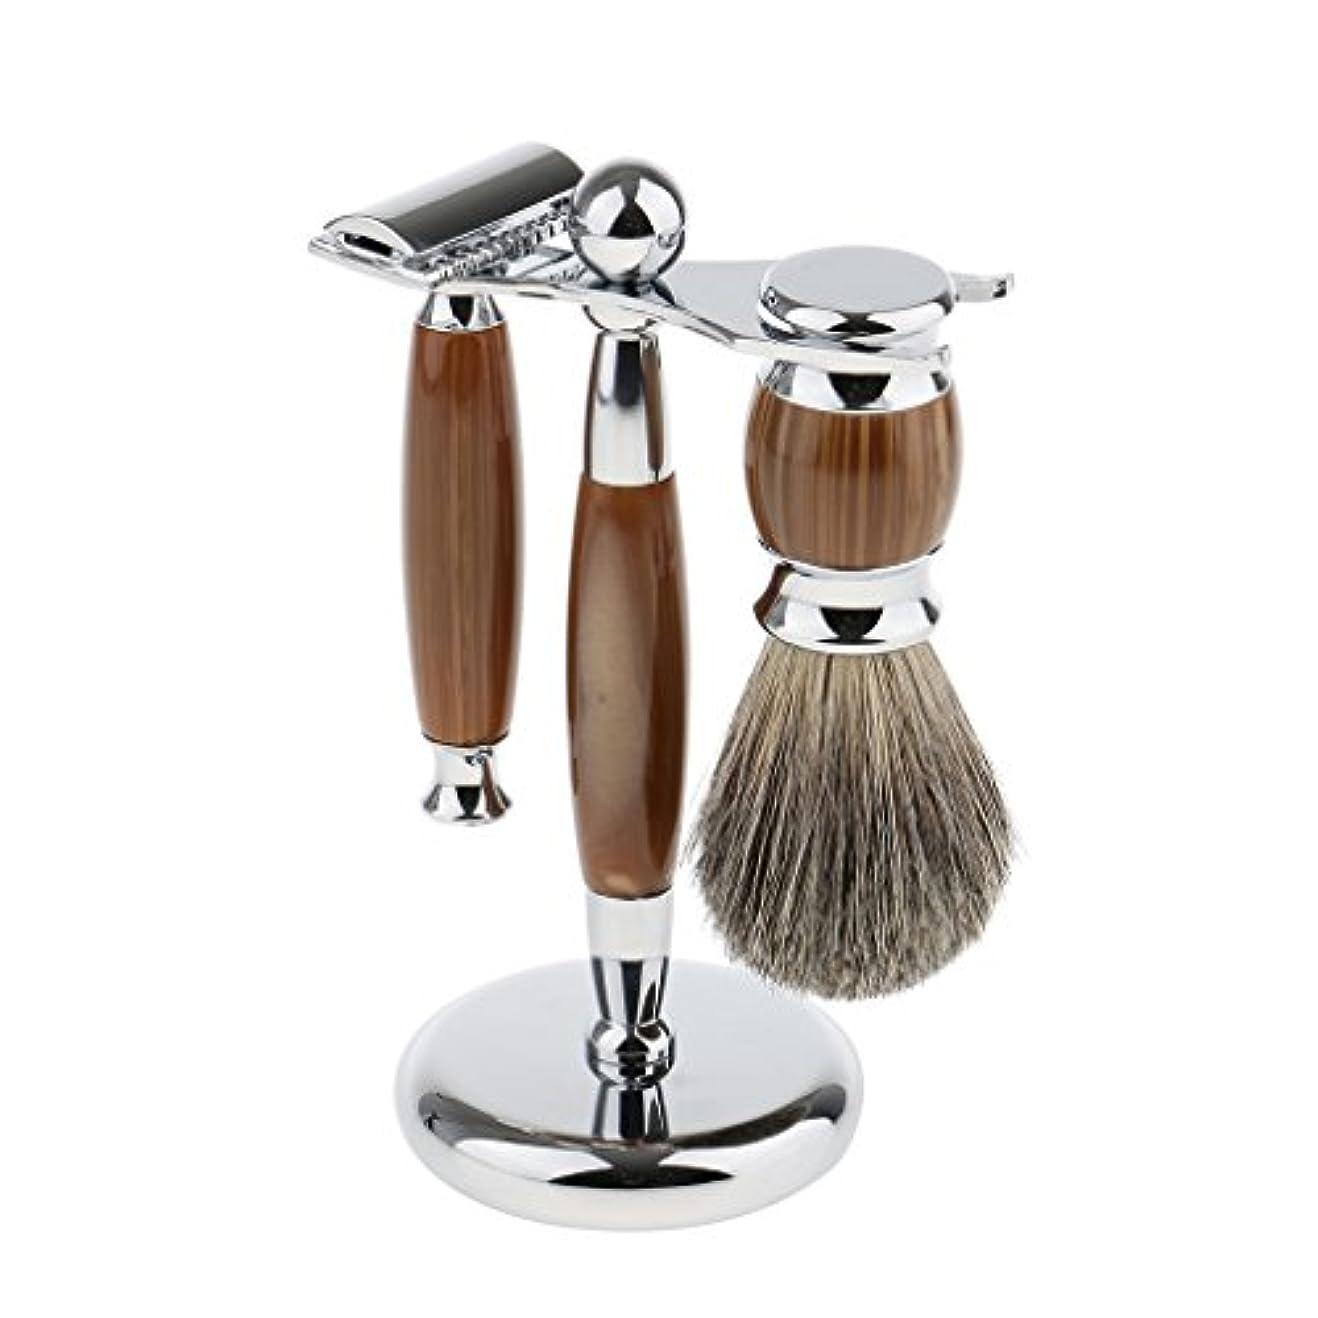 抹消地上の記念日Baoblaze 3点入り シェービング スタンド ブラシ マニュアル ダブルエッジ 髭剃り メイク レトロ プレゼント 3色選べ - タイプ3